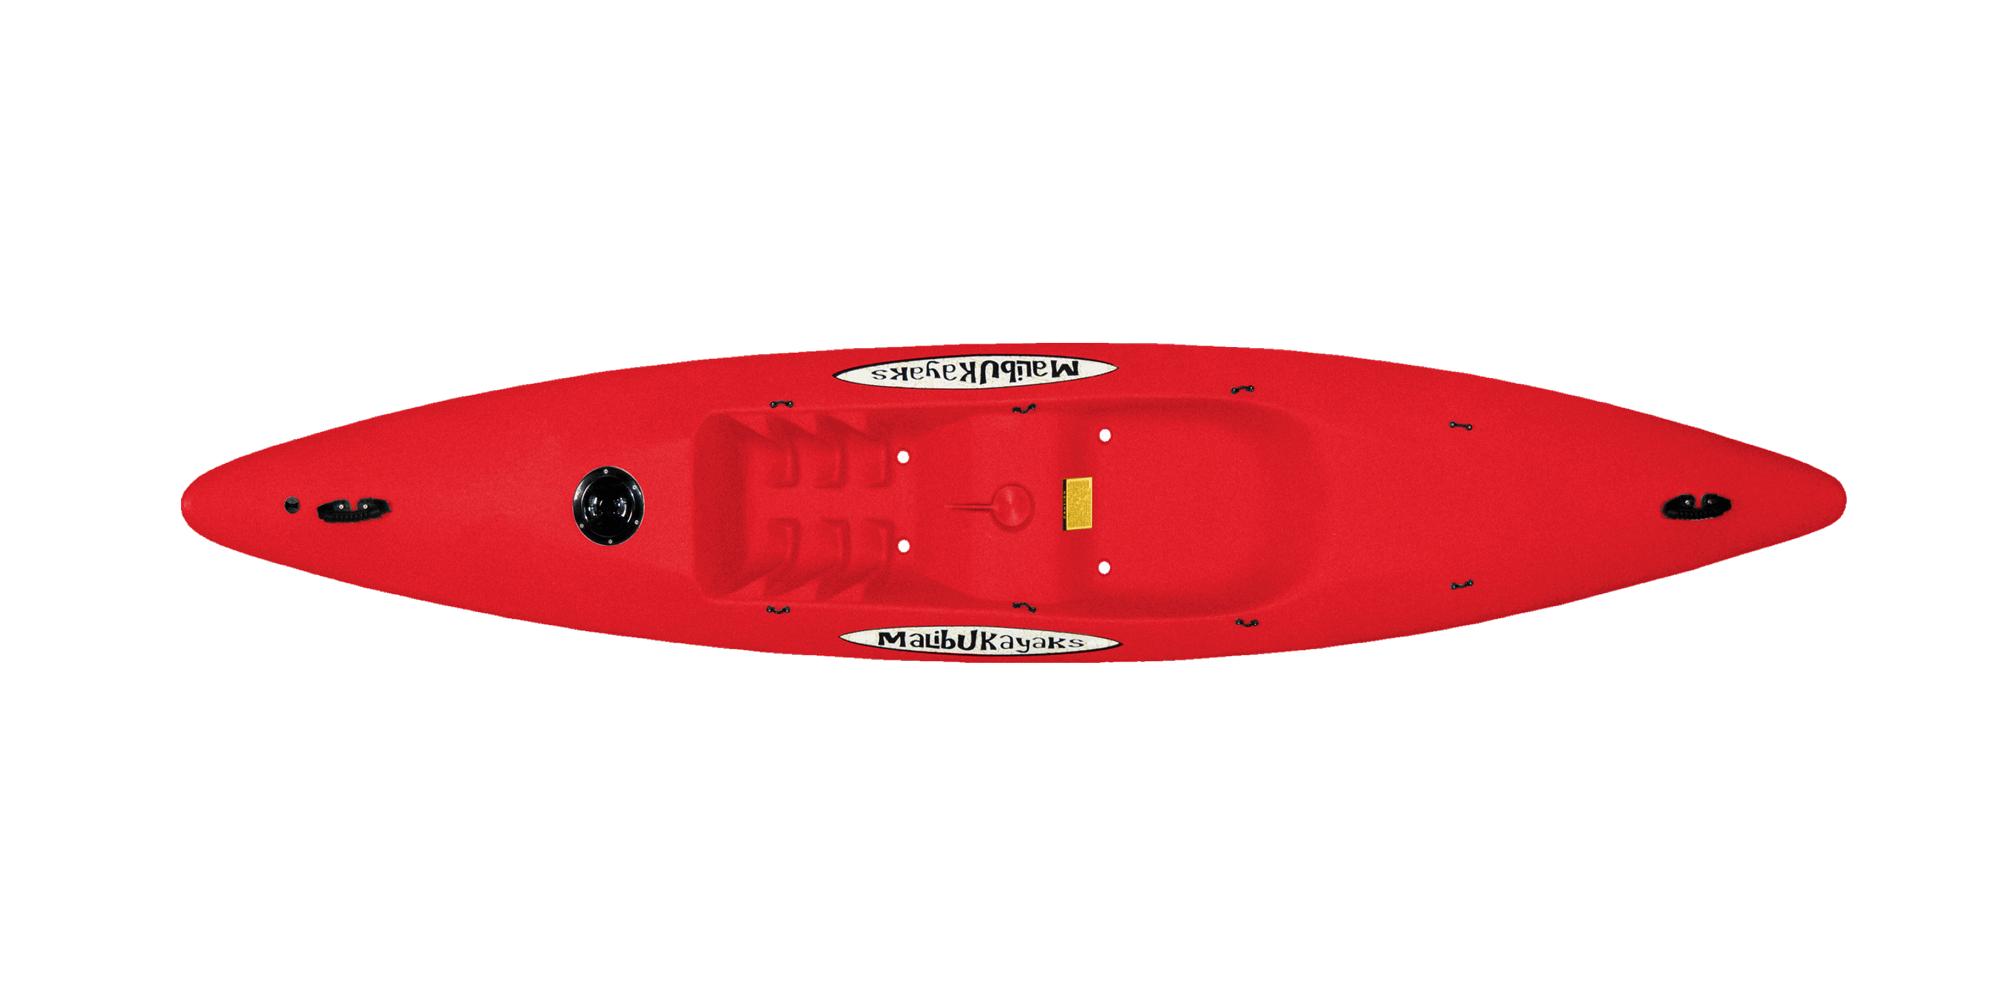 speed surfing malibu. Kayak clipart red kayak